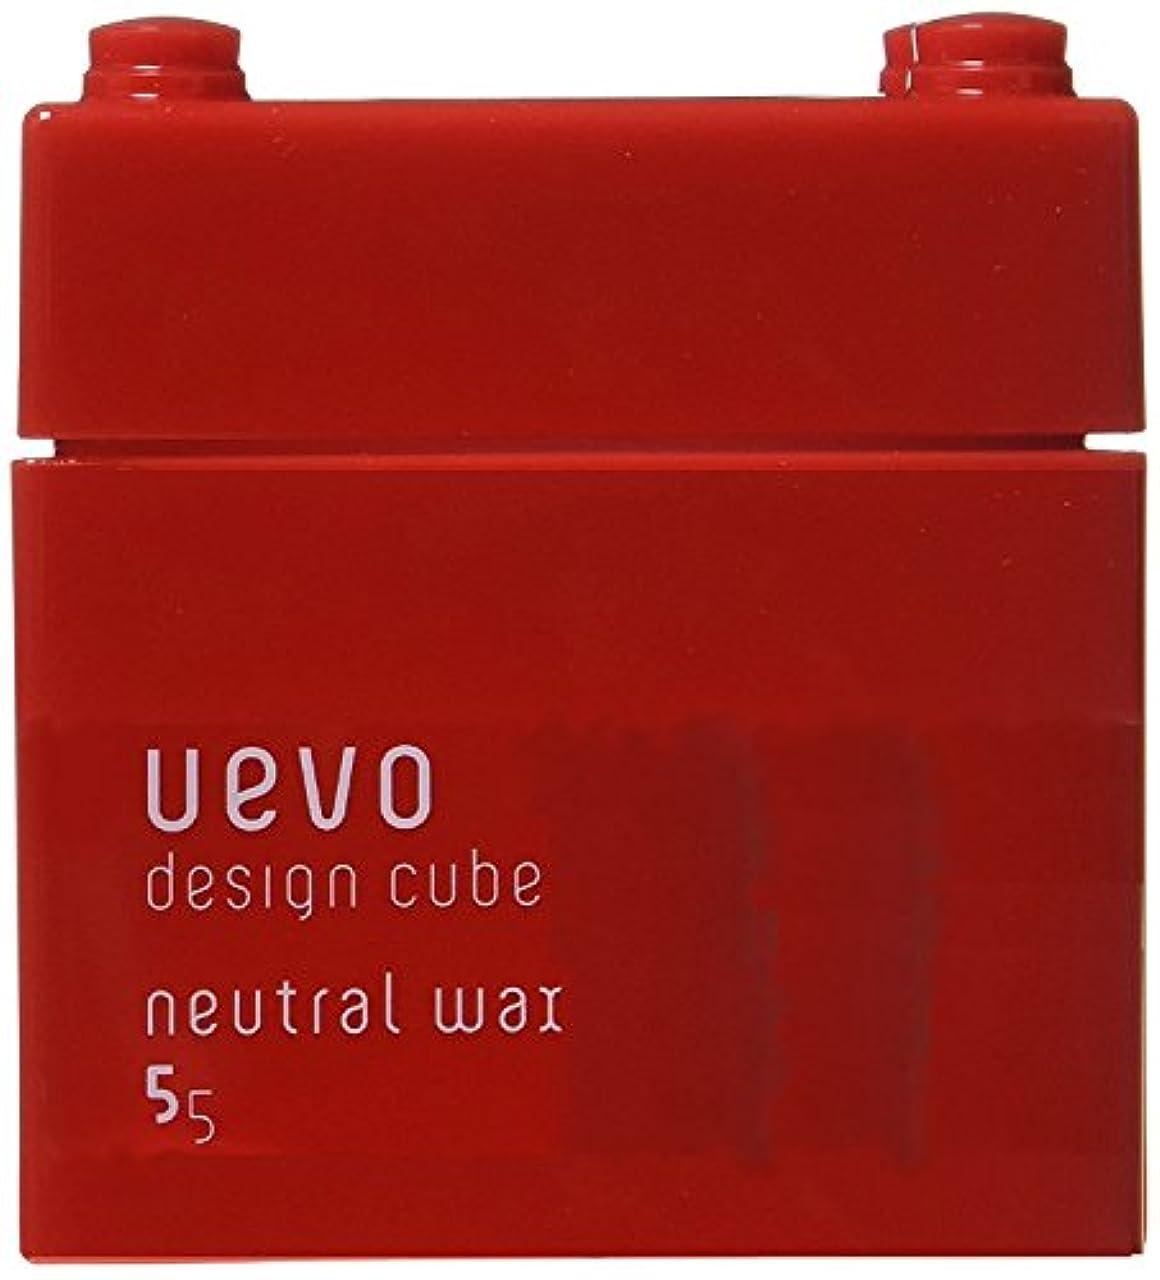 ツイン絶対に学習者デミ?ウェーボ デザインキューブ ニュートラルワックス 80g(並行輸入品)